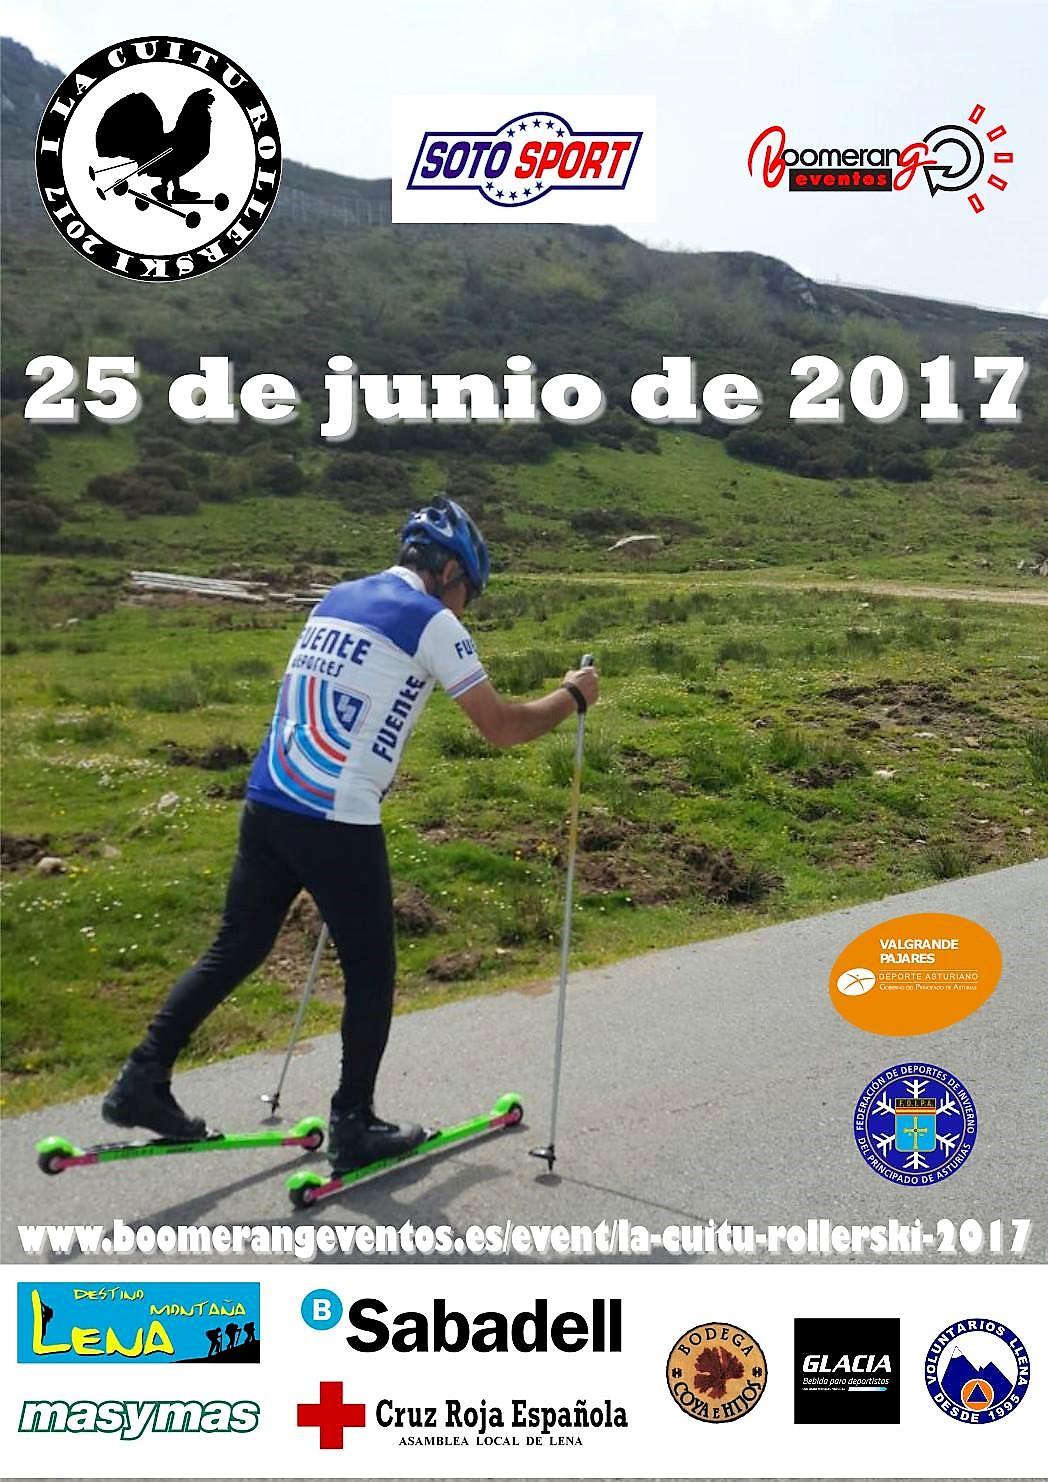 Rollerski: Esquí de fondo sobre ruedas en Valgrande-Pajares. Cuitu Rollerski 2017 el 25 de Junio.